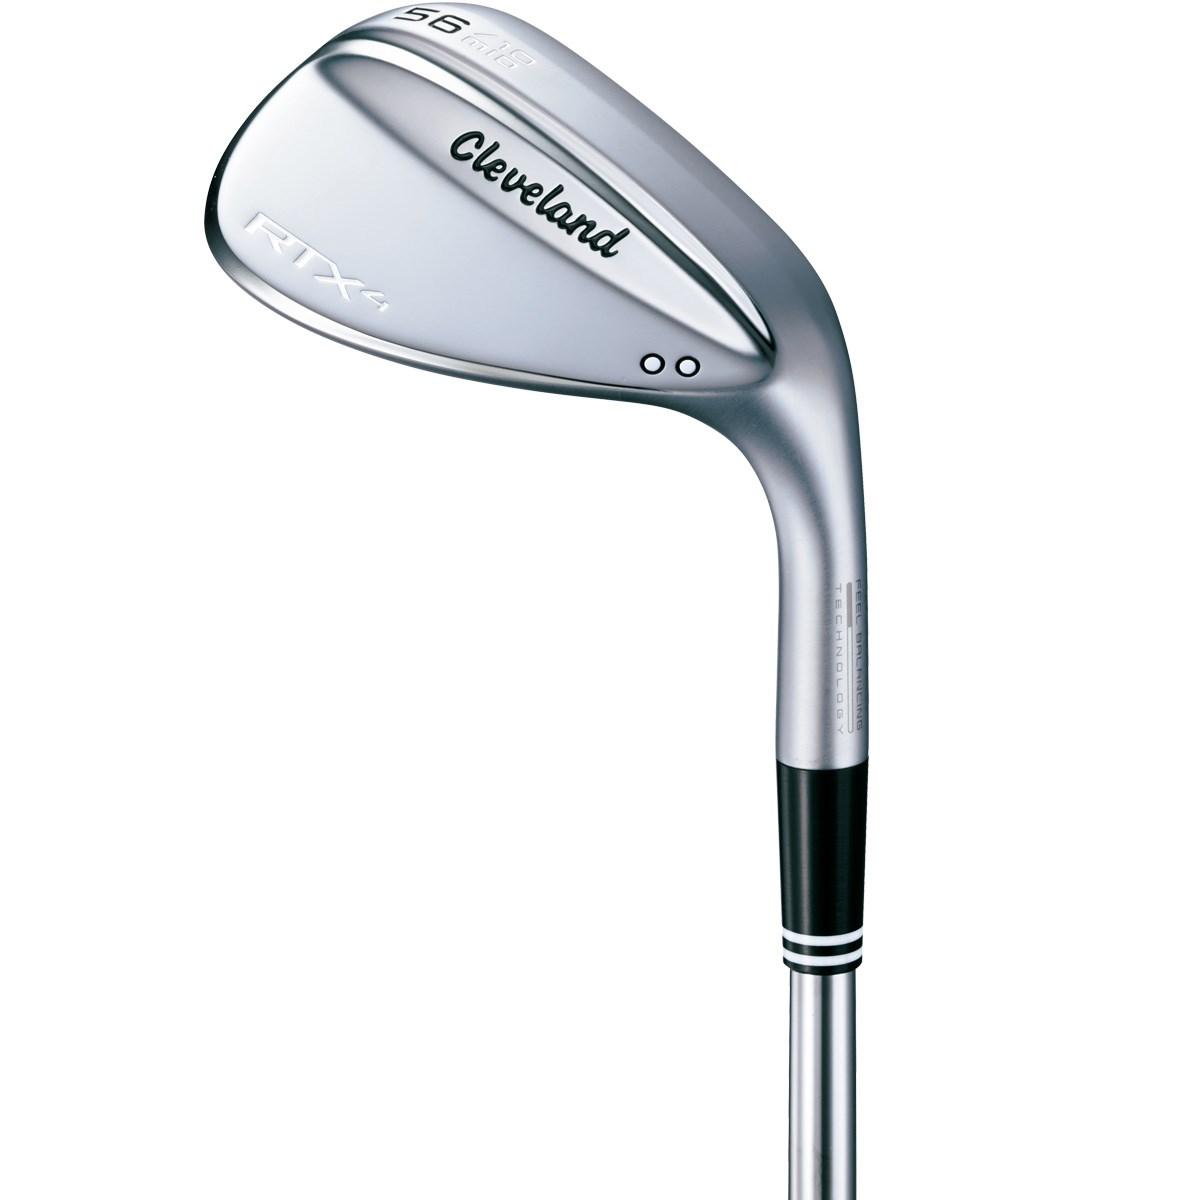 クリーブランド(Cleveland Golf) RTX4 ツアーサテン仕上げ ウェッジ ダイナミックゴールドレフティ